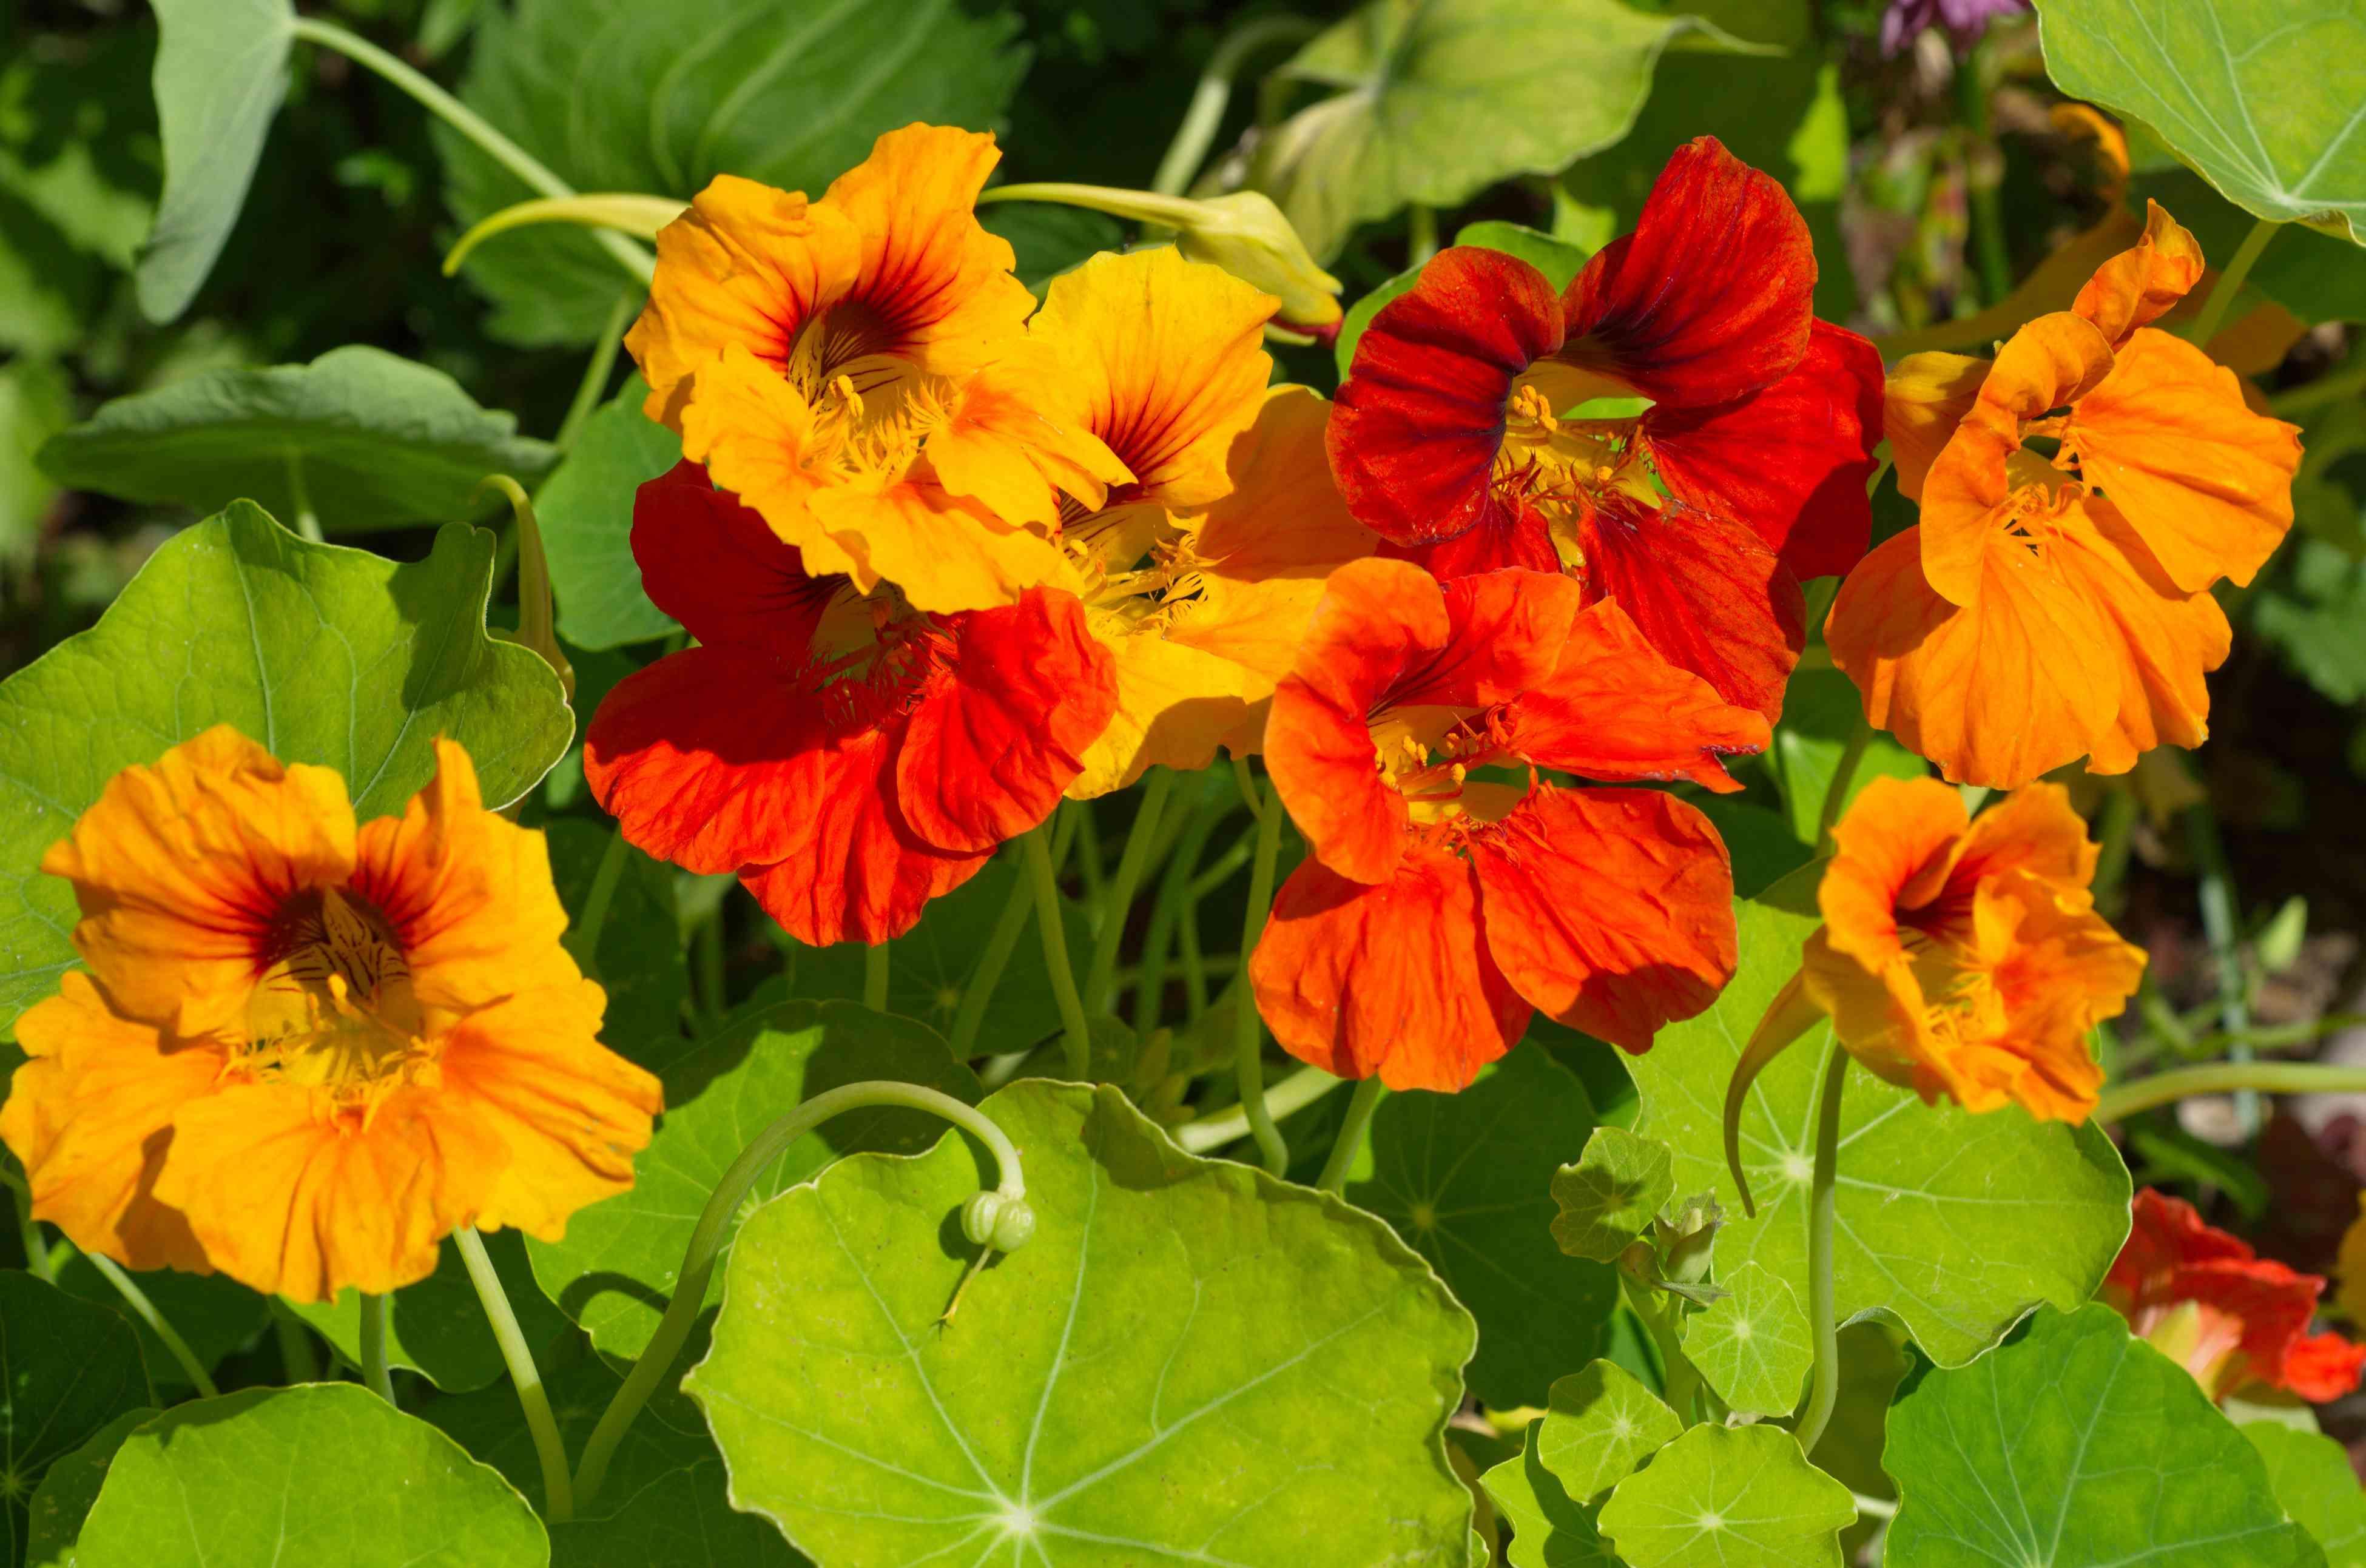 Nasturtium flowers blooms on the flowerbed